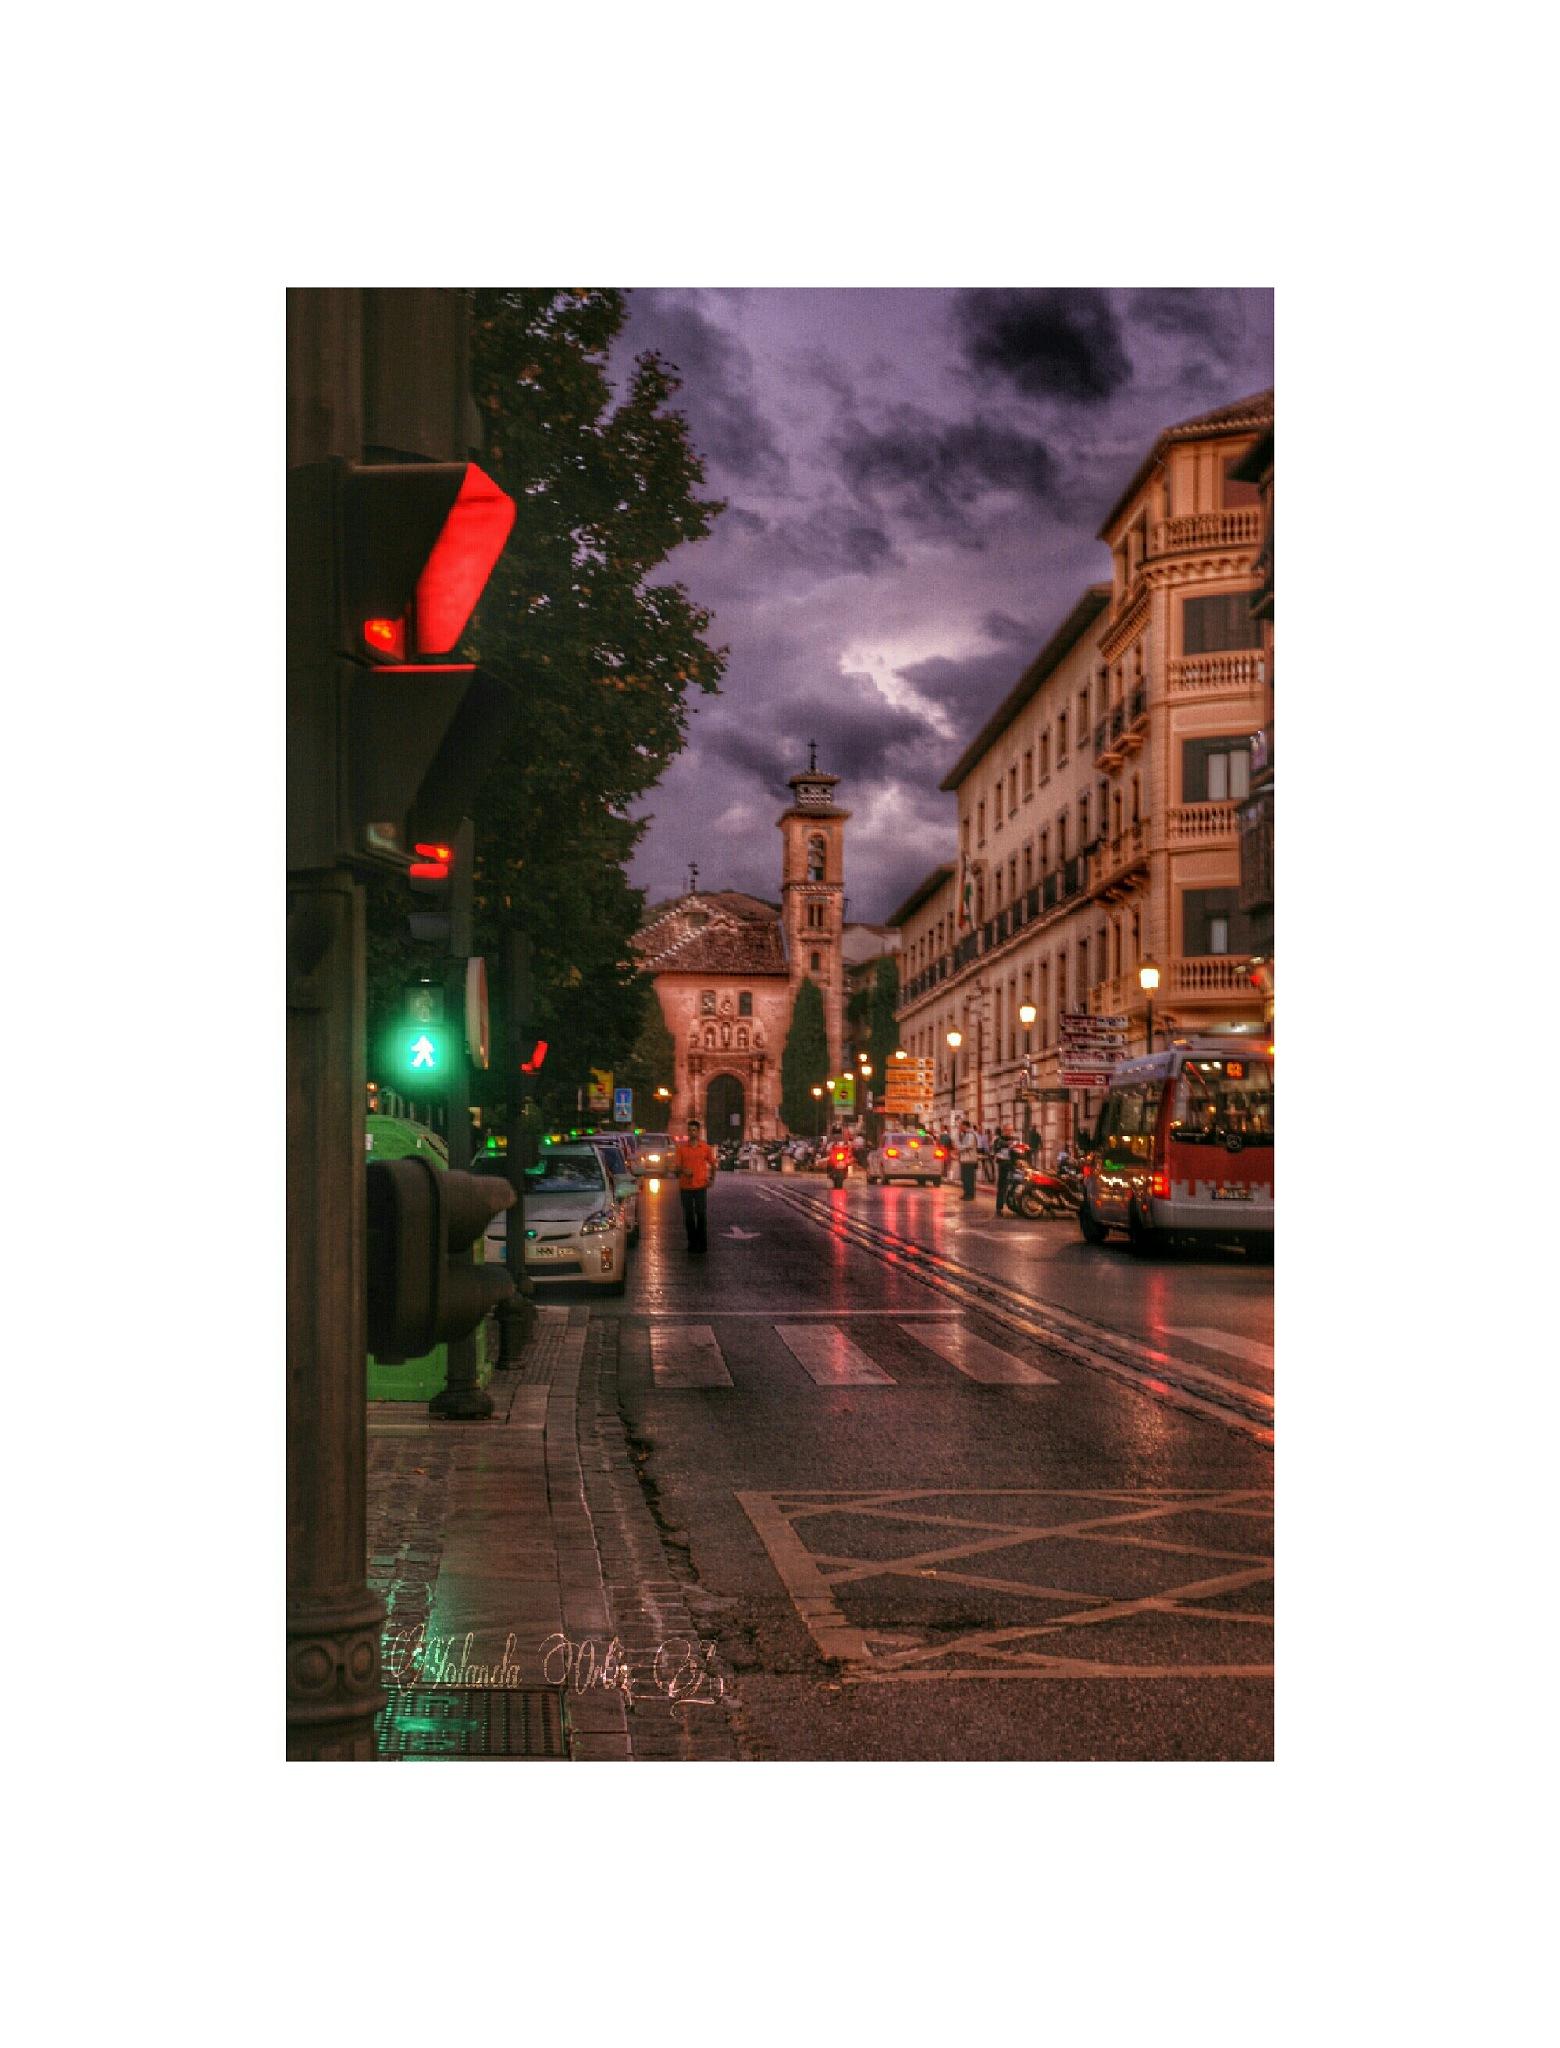 Luces en la ciudad by Yolanda Ortiz Atienza